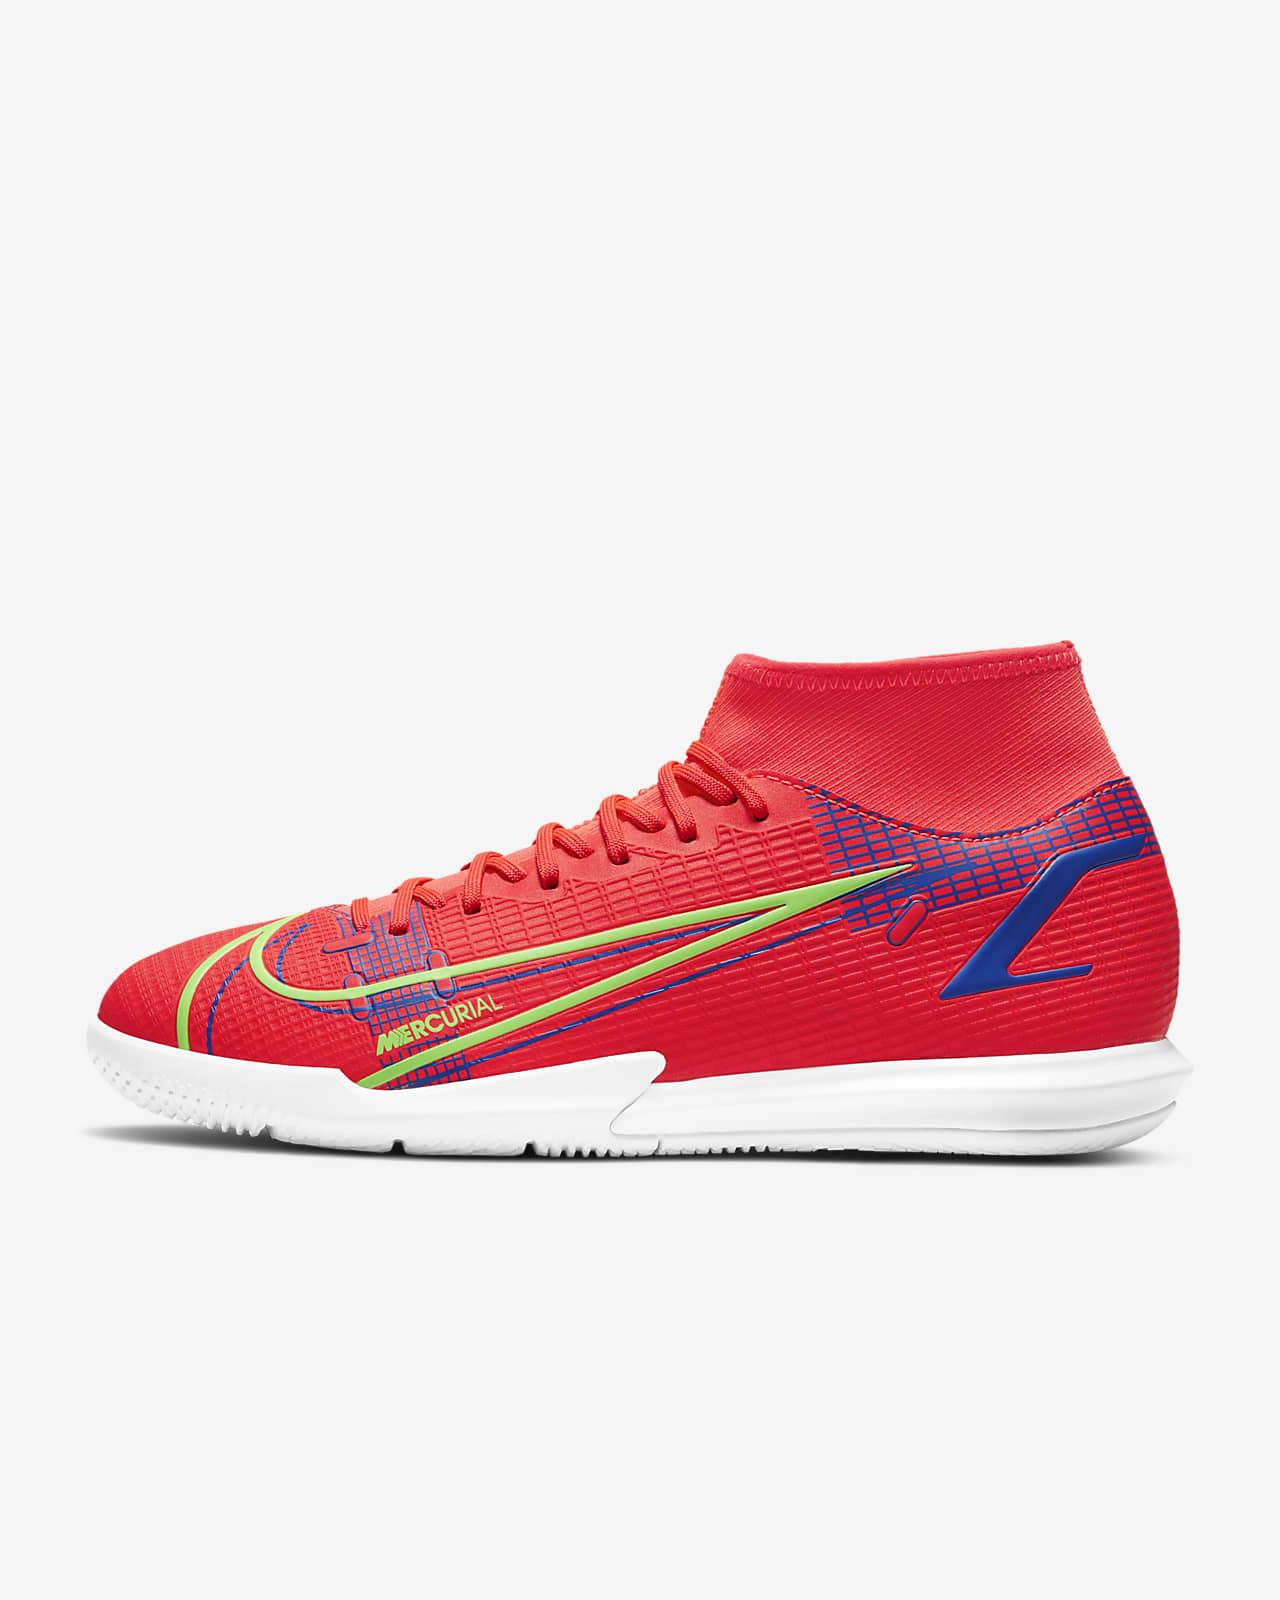 รองเท้าฟุตบอลสำหรับสนามในร่ม/คอร์ท Nike Mercurial Superfly 8 Academy IC